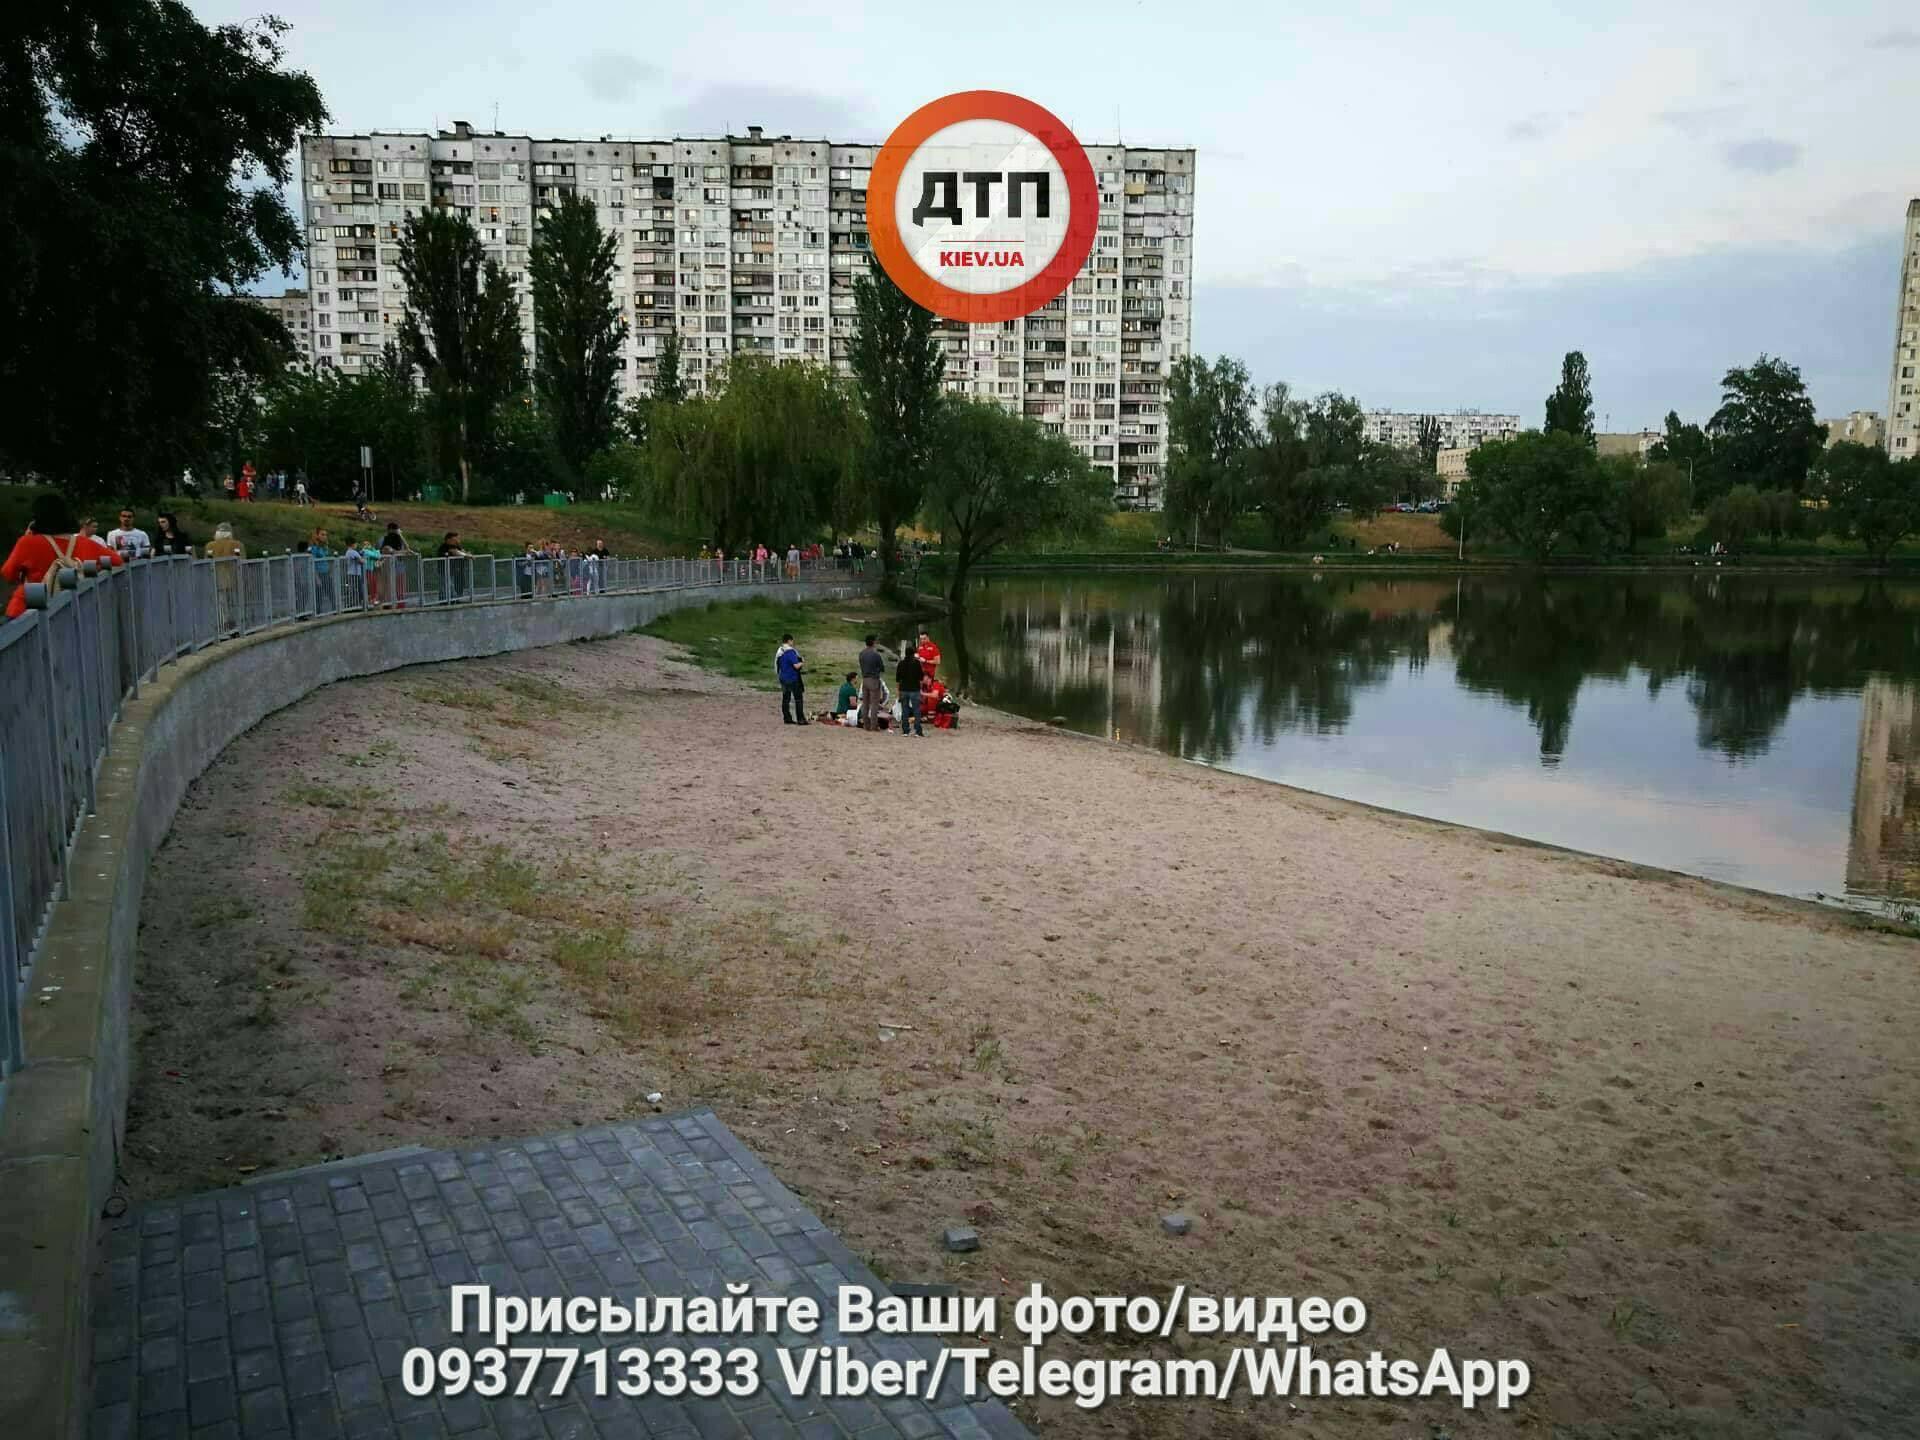 Это провал: вцентре столицы Украины автомобиль неожиданно ушел под землю